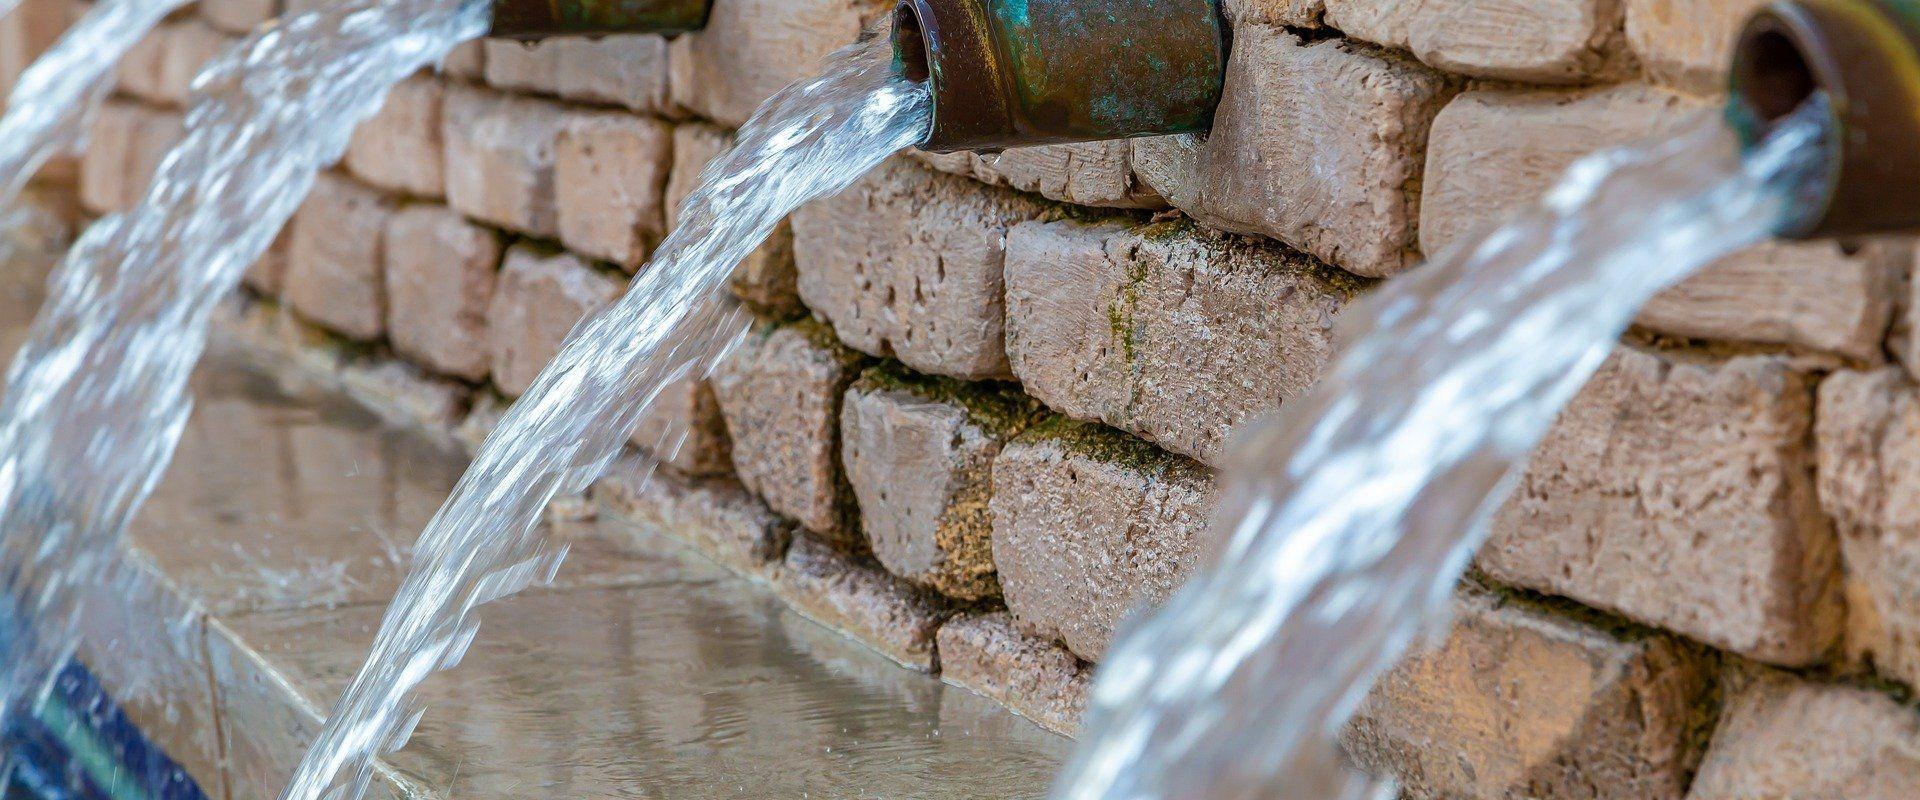 Soudal Manufacturing zaprasza lokalnego przedsiębiorcę do rozmów w sprawie wody